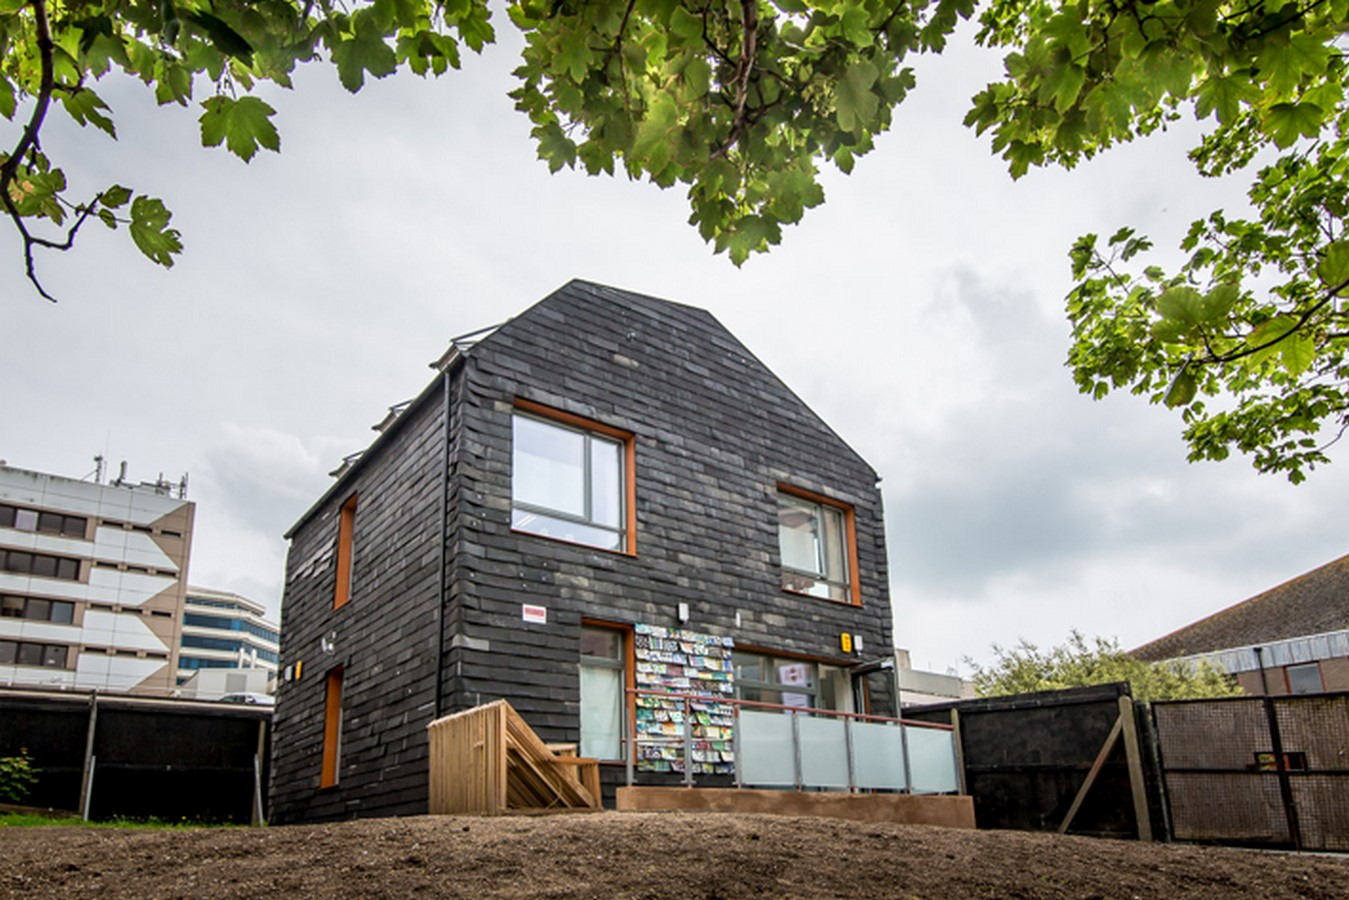 Waste House, England - Sheet1